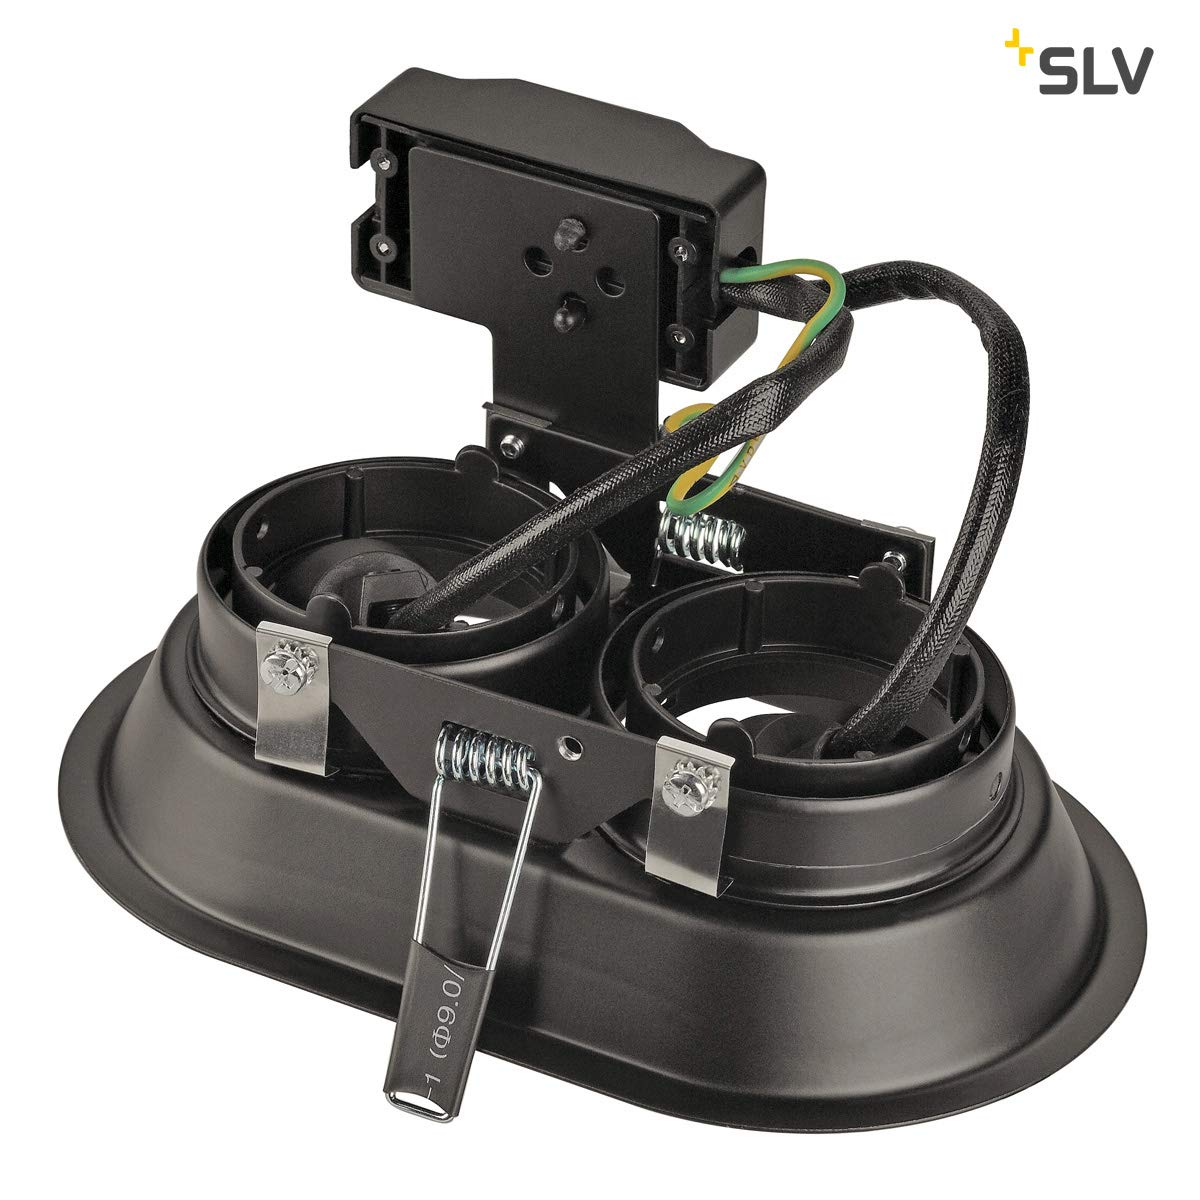 SLV LED Deckenstrahler HORN-O Einbau-Leuchte GU10 QPAR51 Deckenstrahler schwarz Fluter EEK E-A++ LED Spots 2-flammig rund Deckenleuchten Dimmbare Einbau-Spots zur Beleuchtung innen